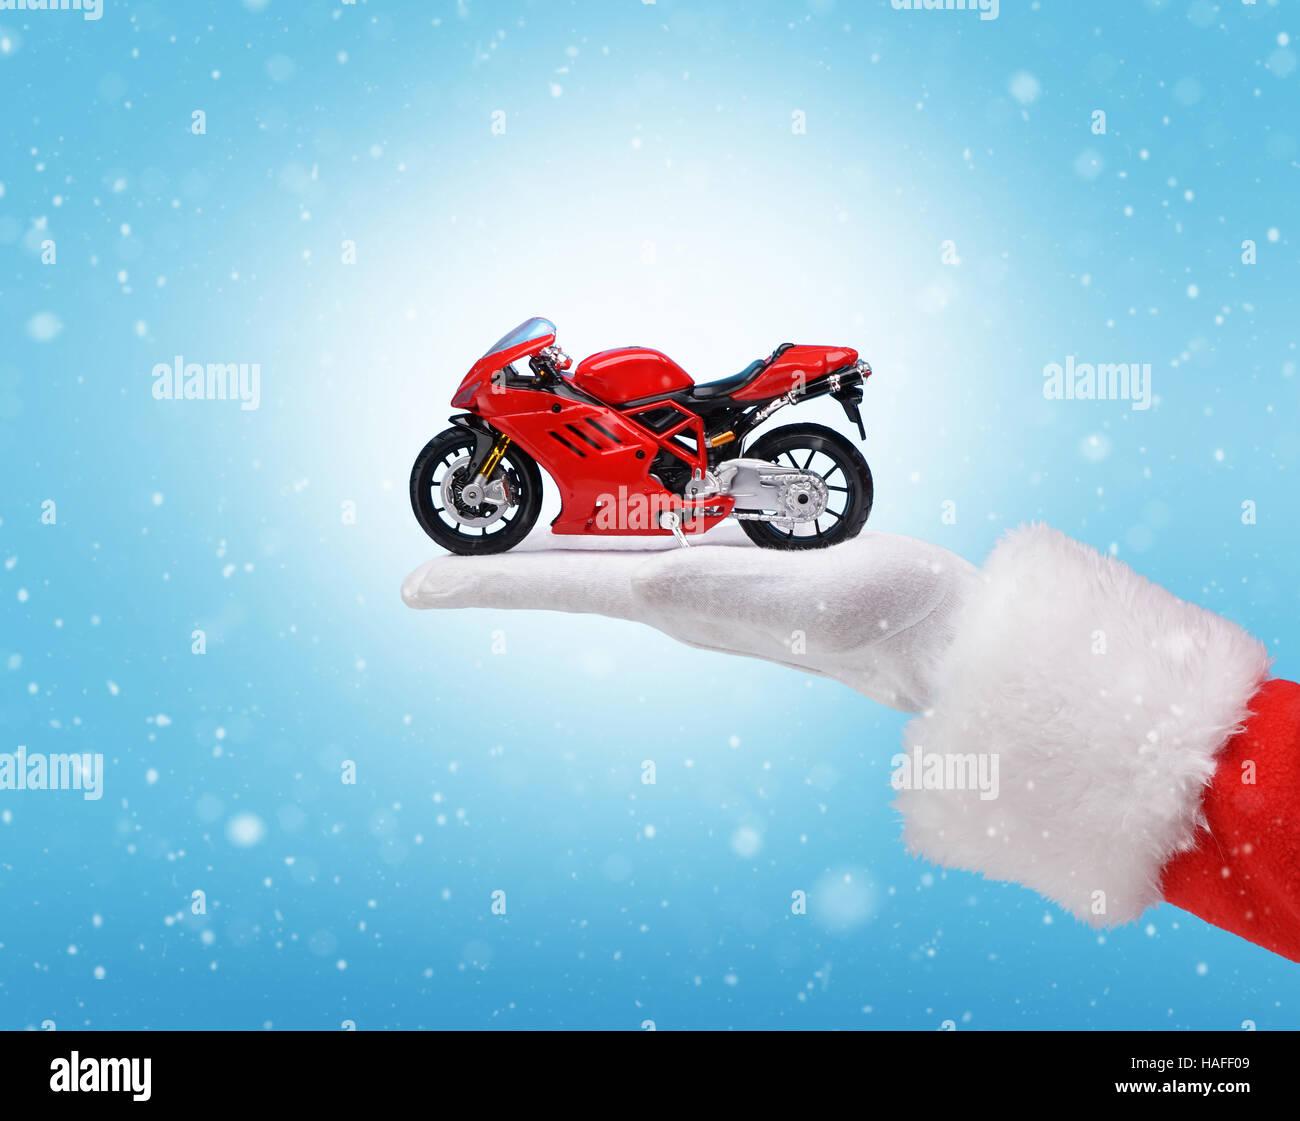 Frohe Weihnachten Motorrad.Hand In Santa Claus Kostum Halt Rot Motorrad Studioaufnahme